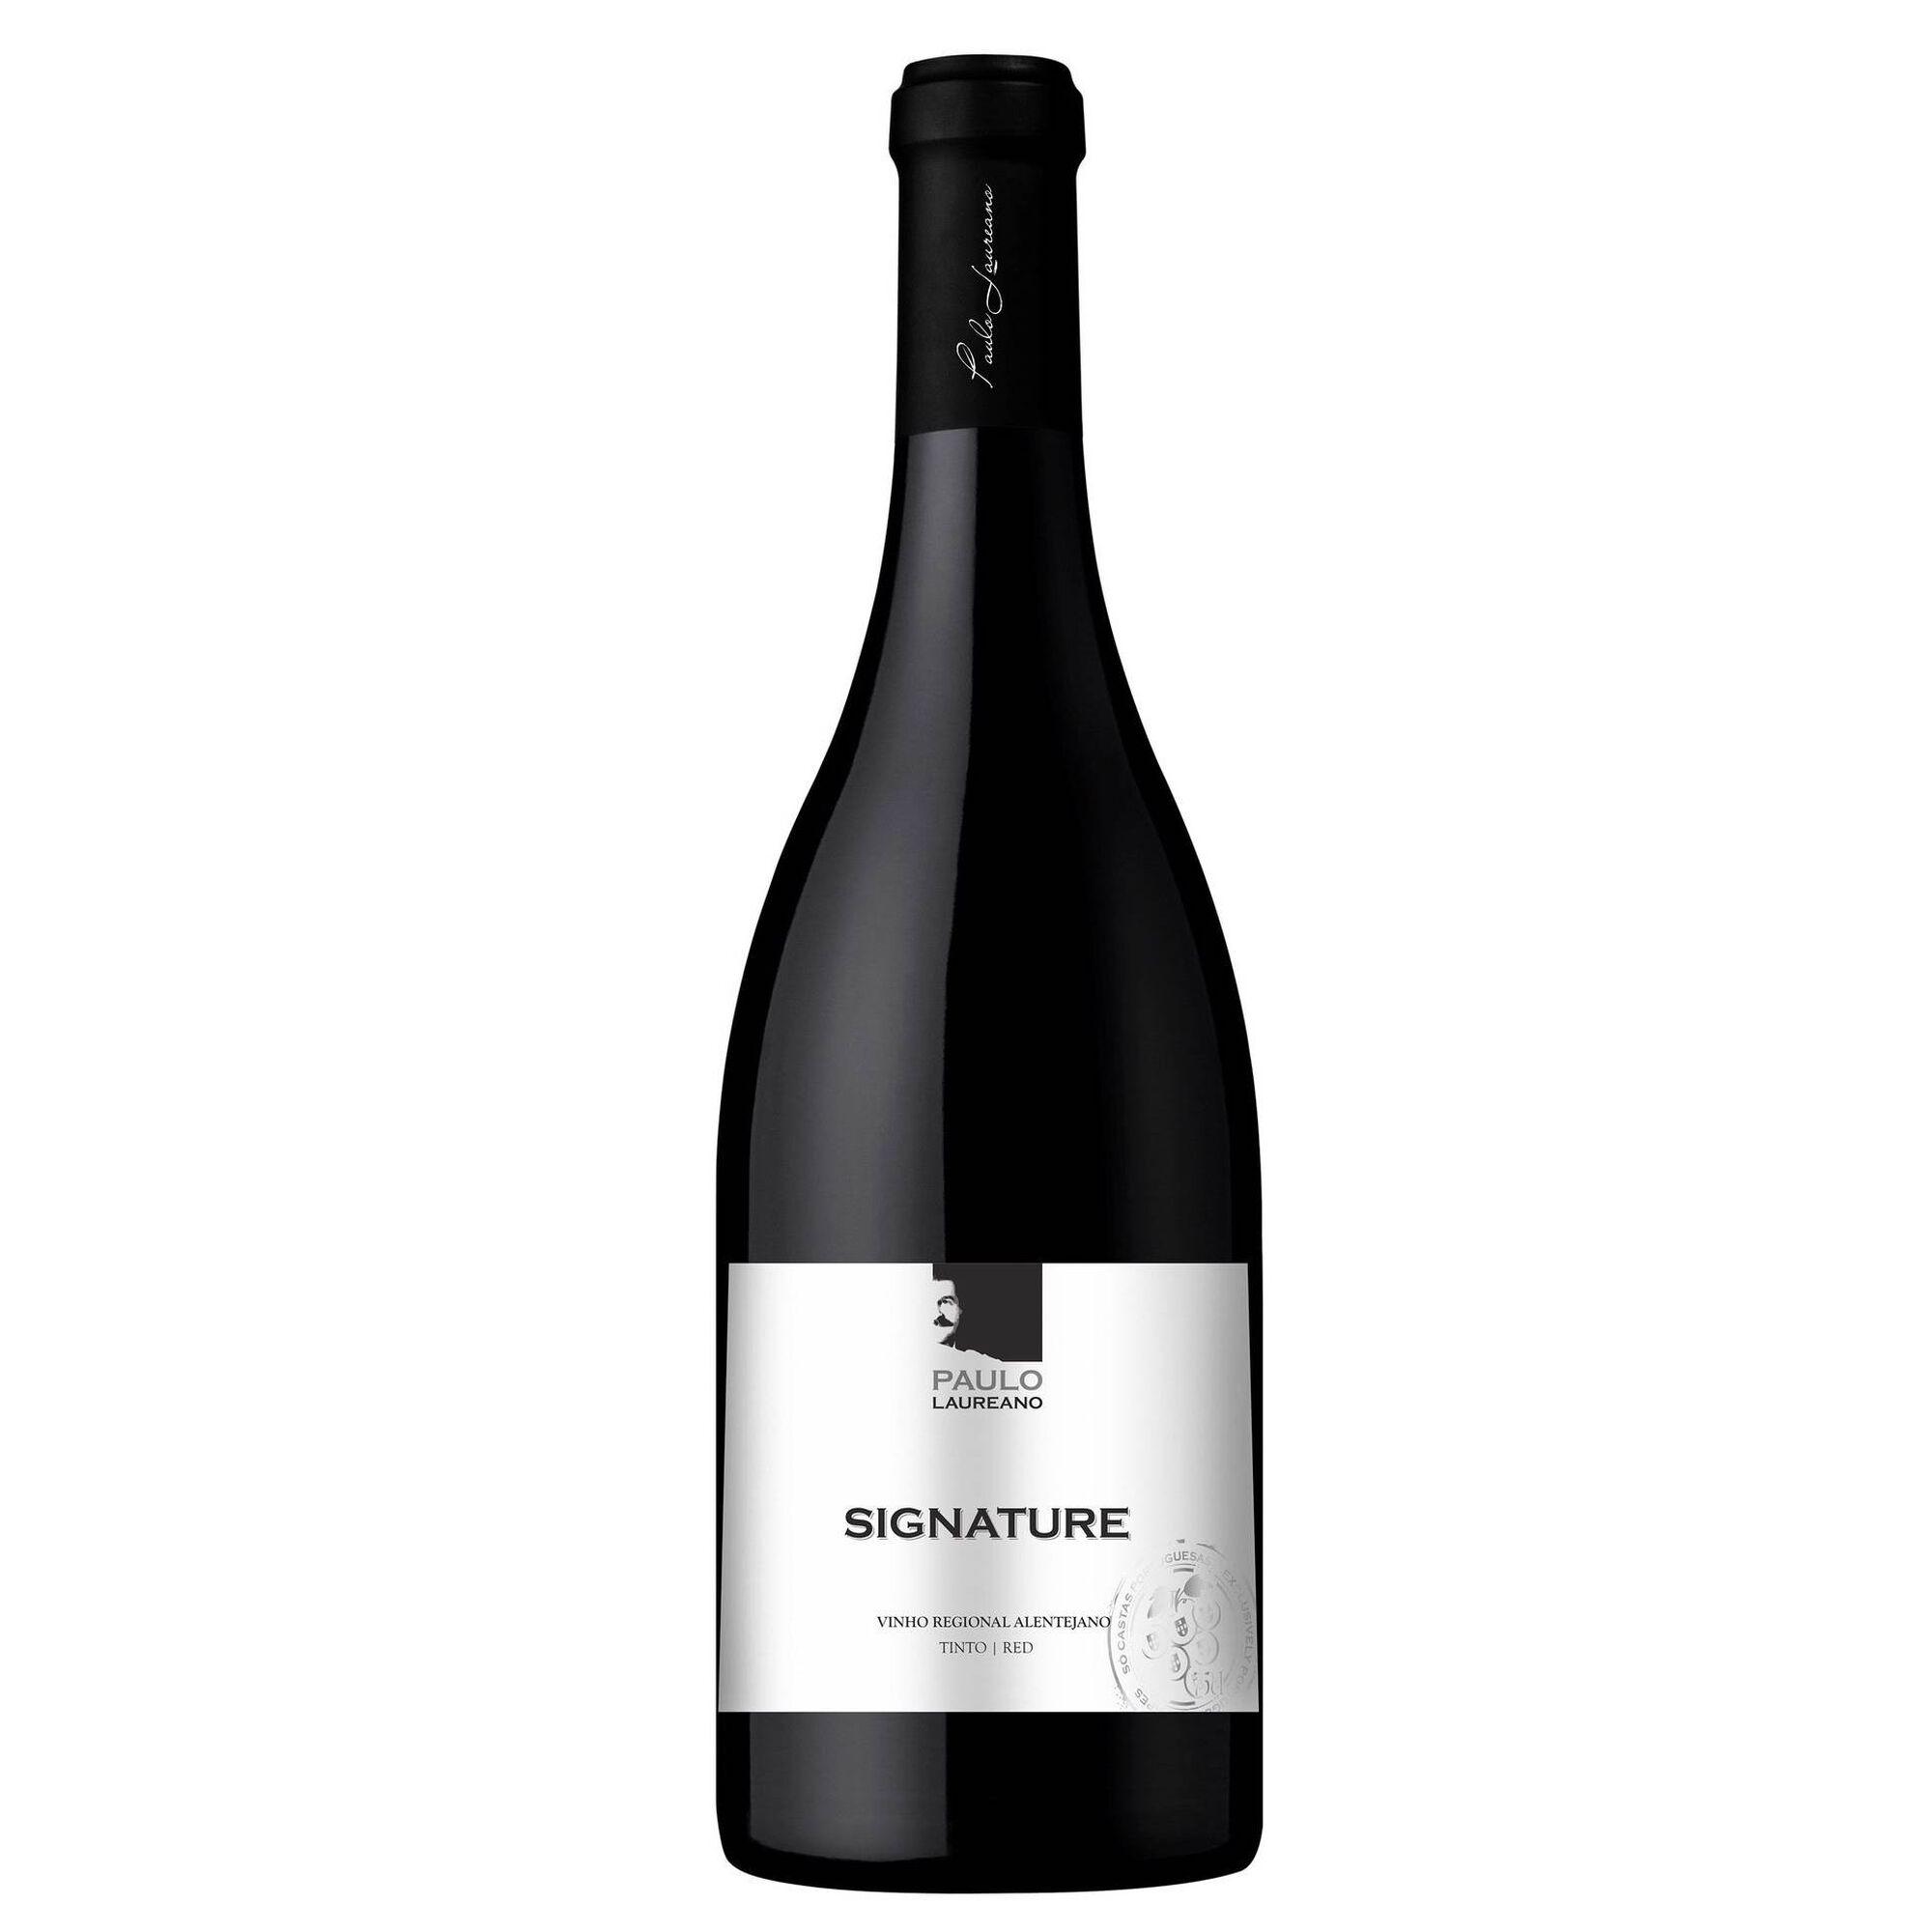 Paulo Laureano Signature Regional Alentejano Vinho Tinto